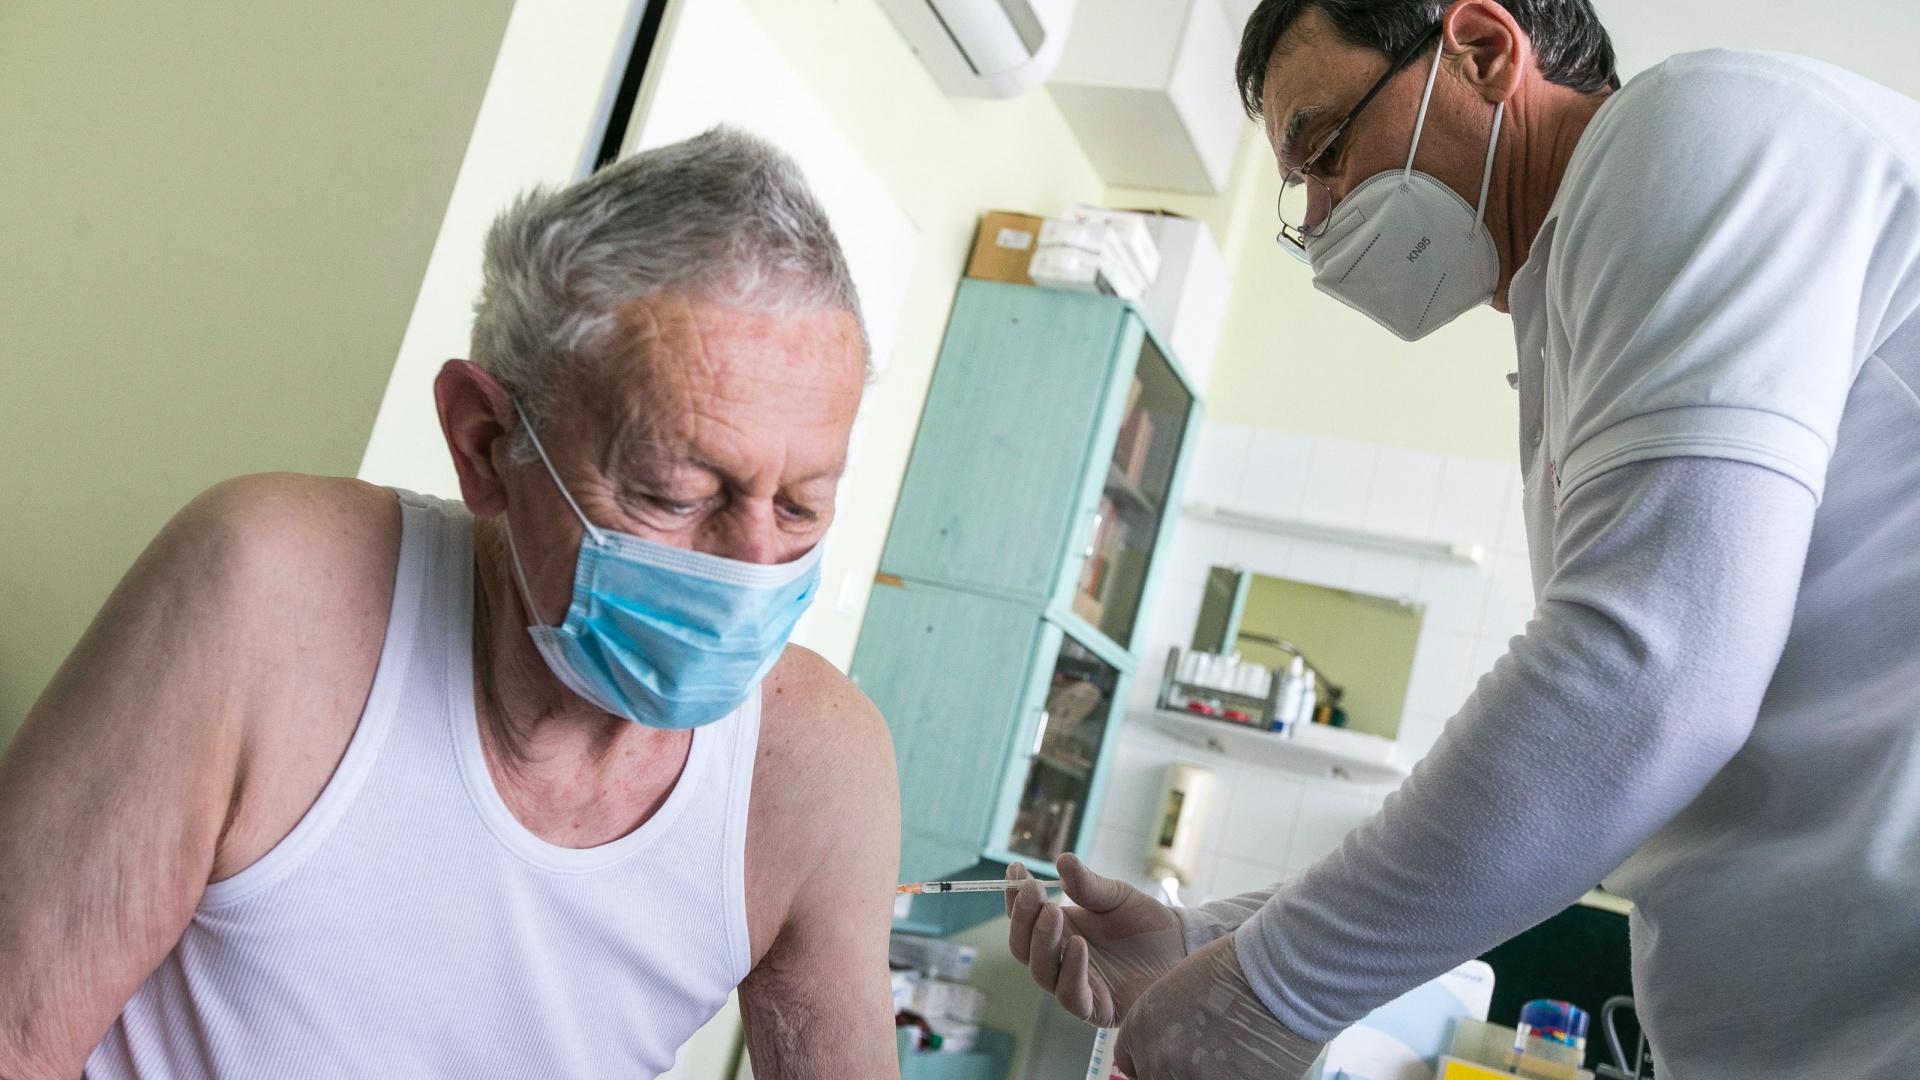 Koronavírus-vakcina a háziorvosnál